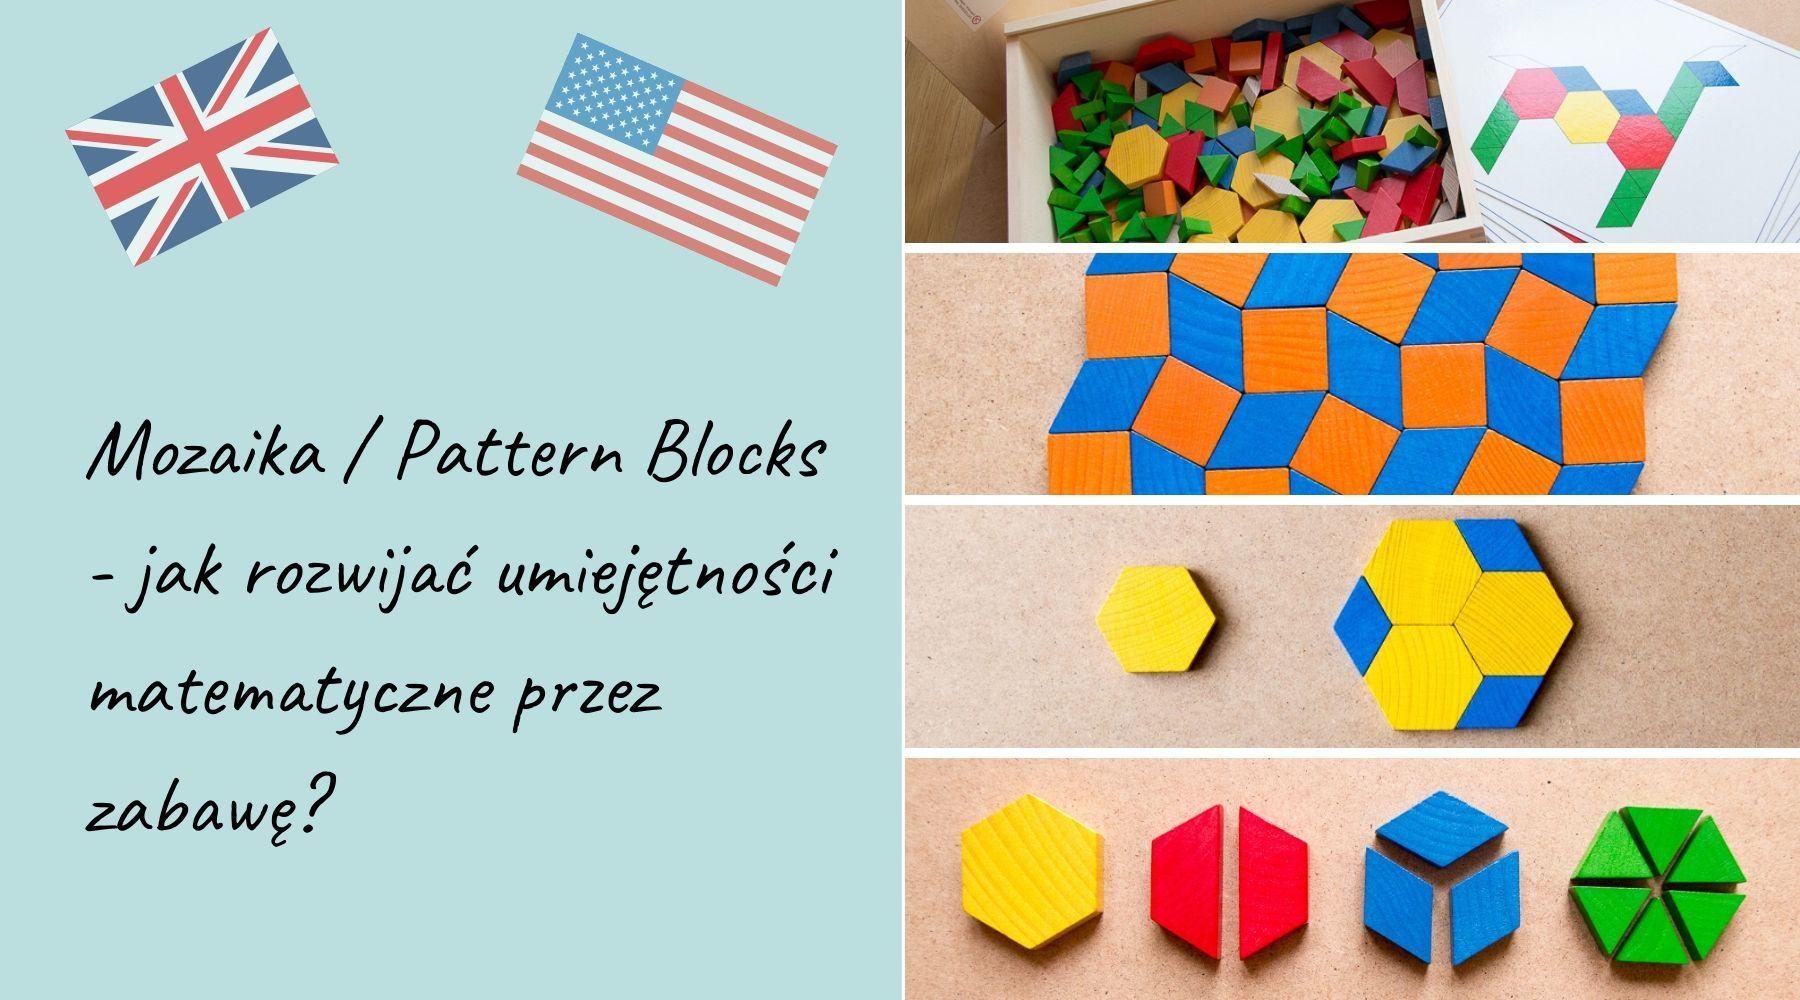 Jak z głową uczyć matematyki? Co ma Mozaika do amerykańskich Pattern Blocks?